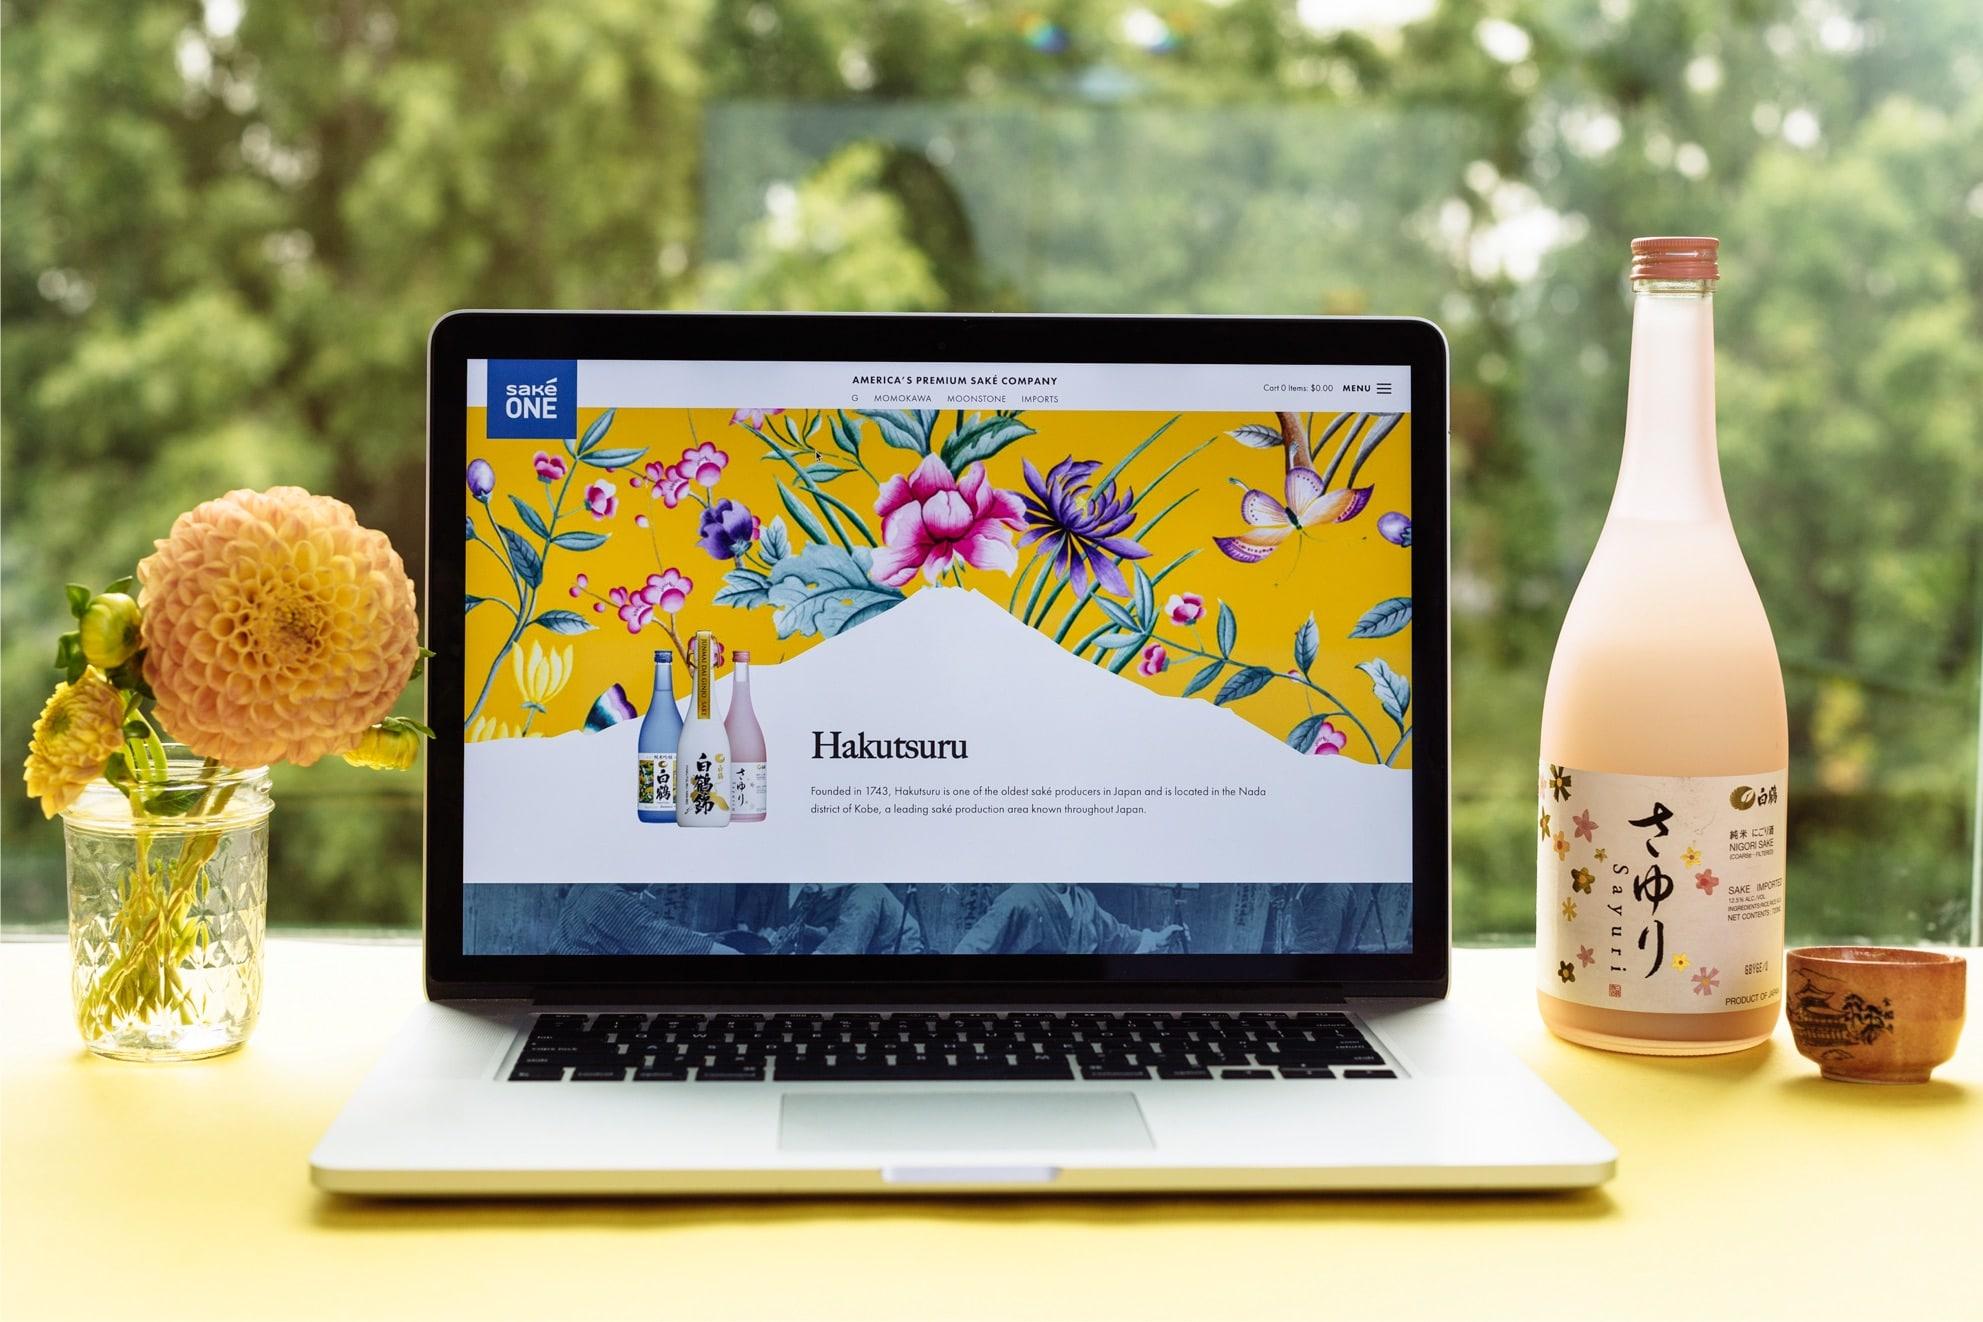 SakeOné's Hakutsuru's brand landing page